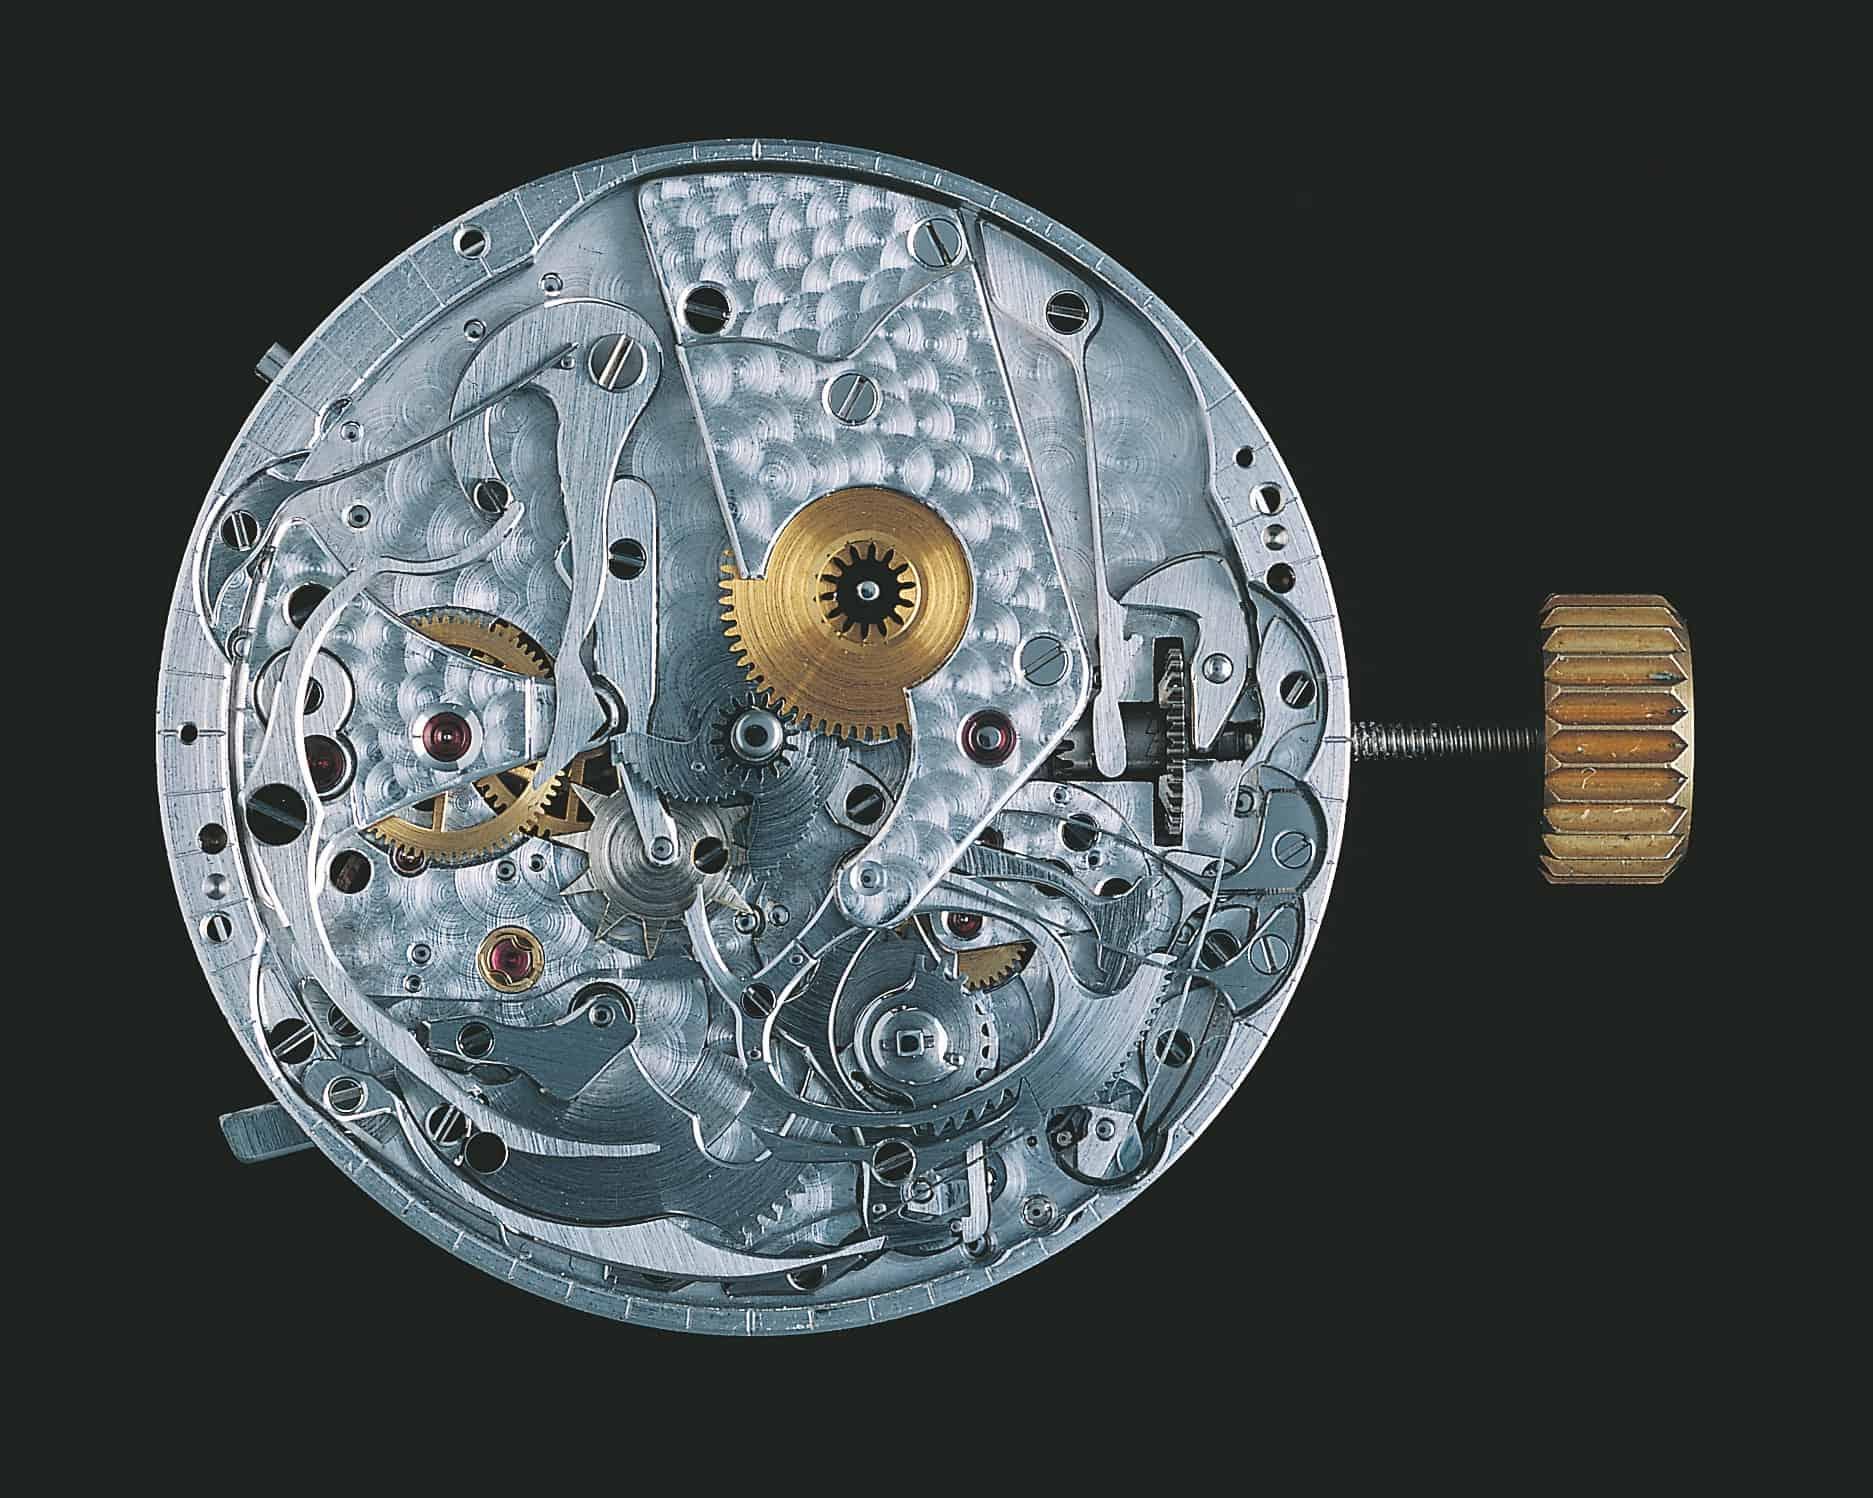 Lemania-Kaliber-489-Minutenrepetition-unter-Zifferblatt-Bild Uhrenkosmos